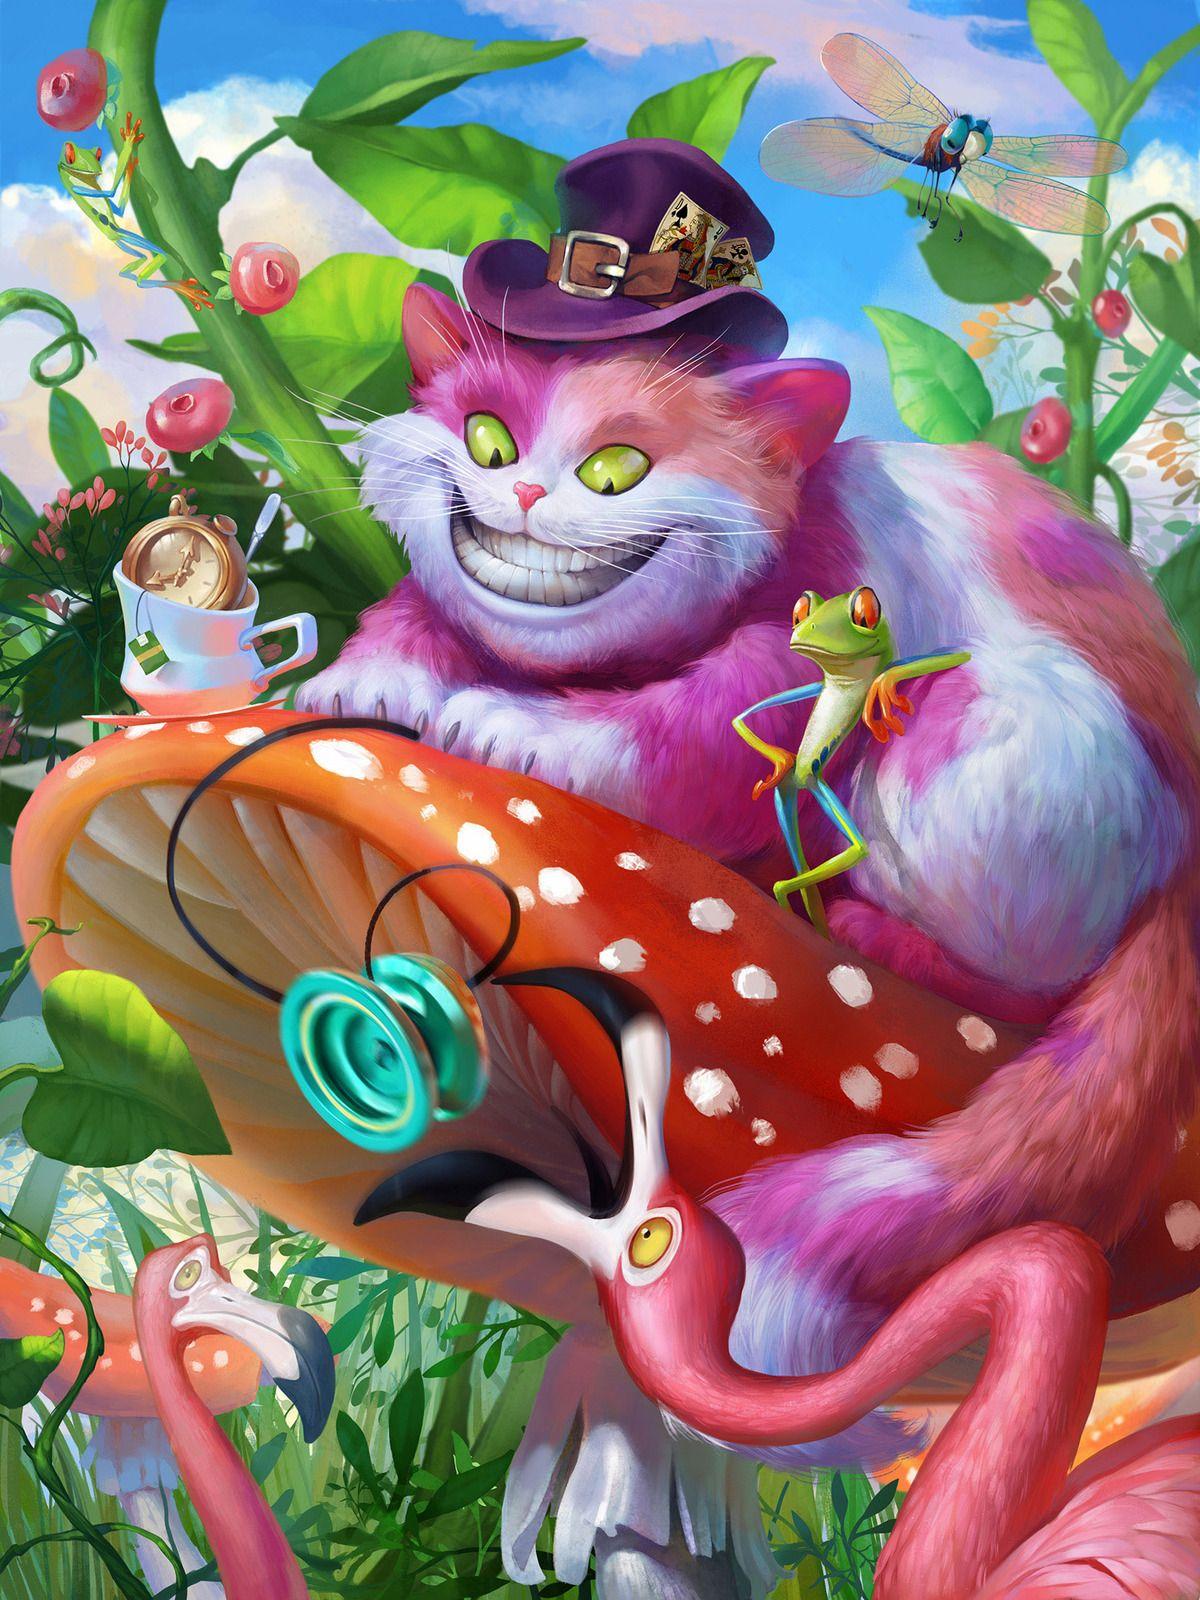 Цветы картинках, открытка чеширский кот